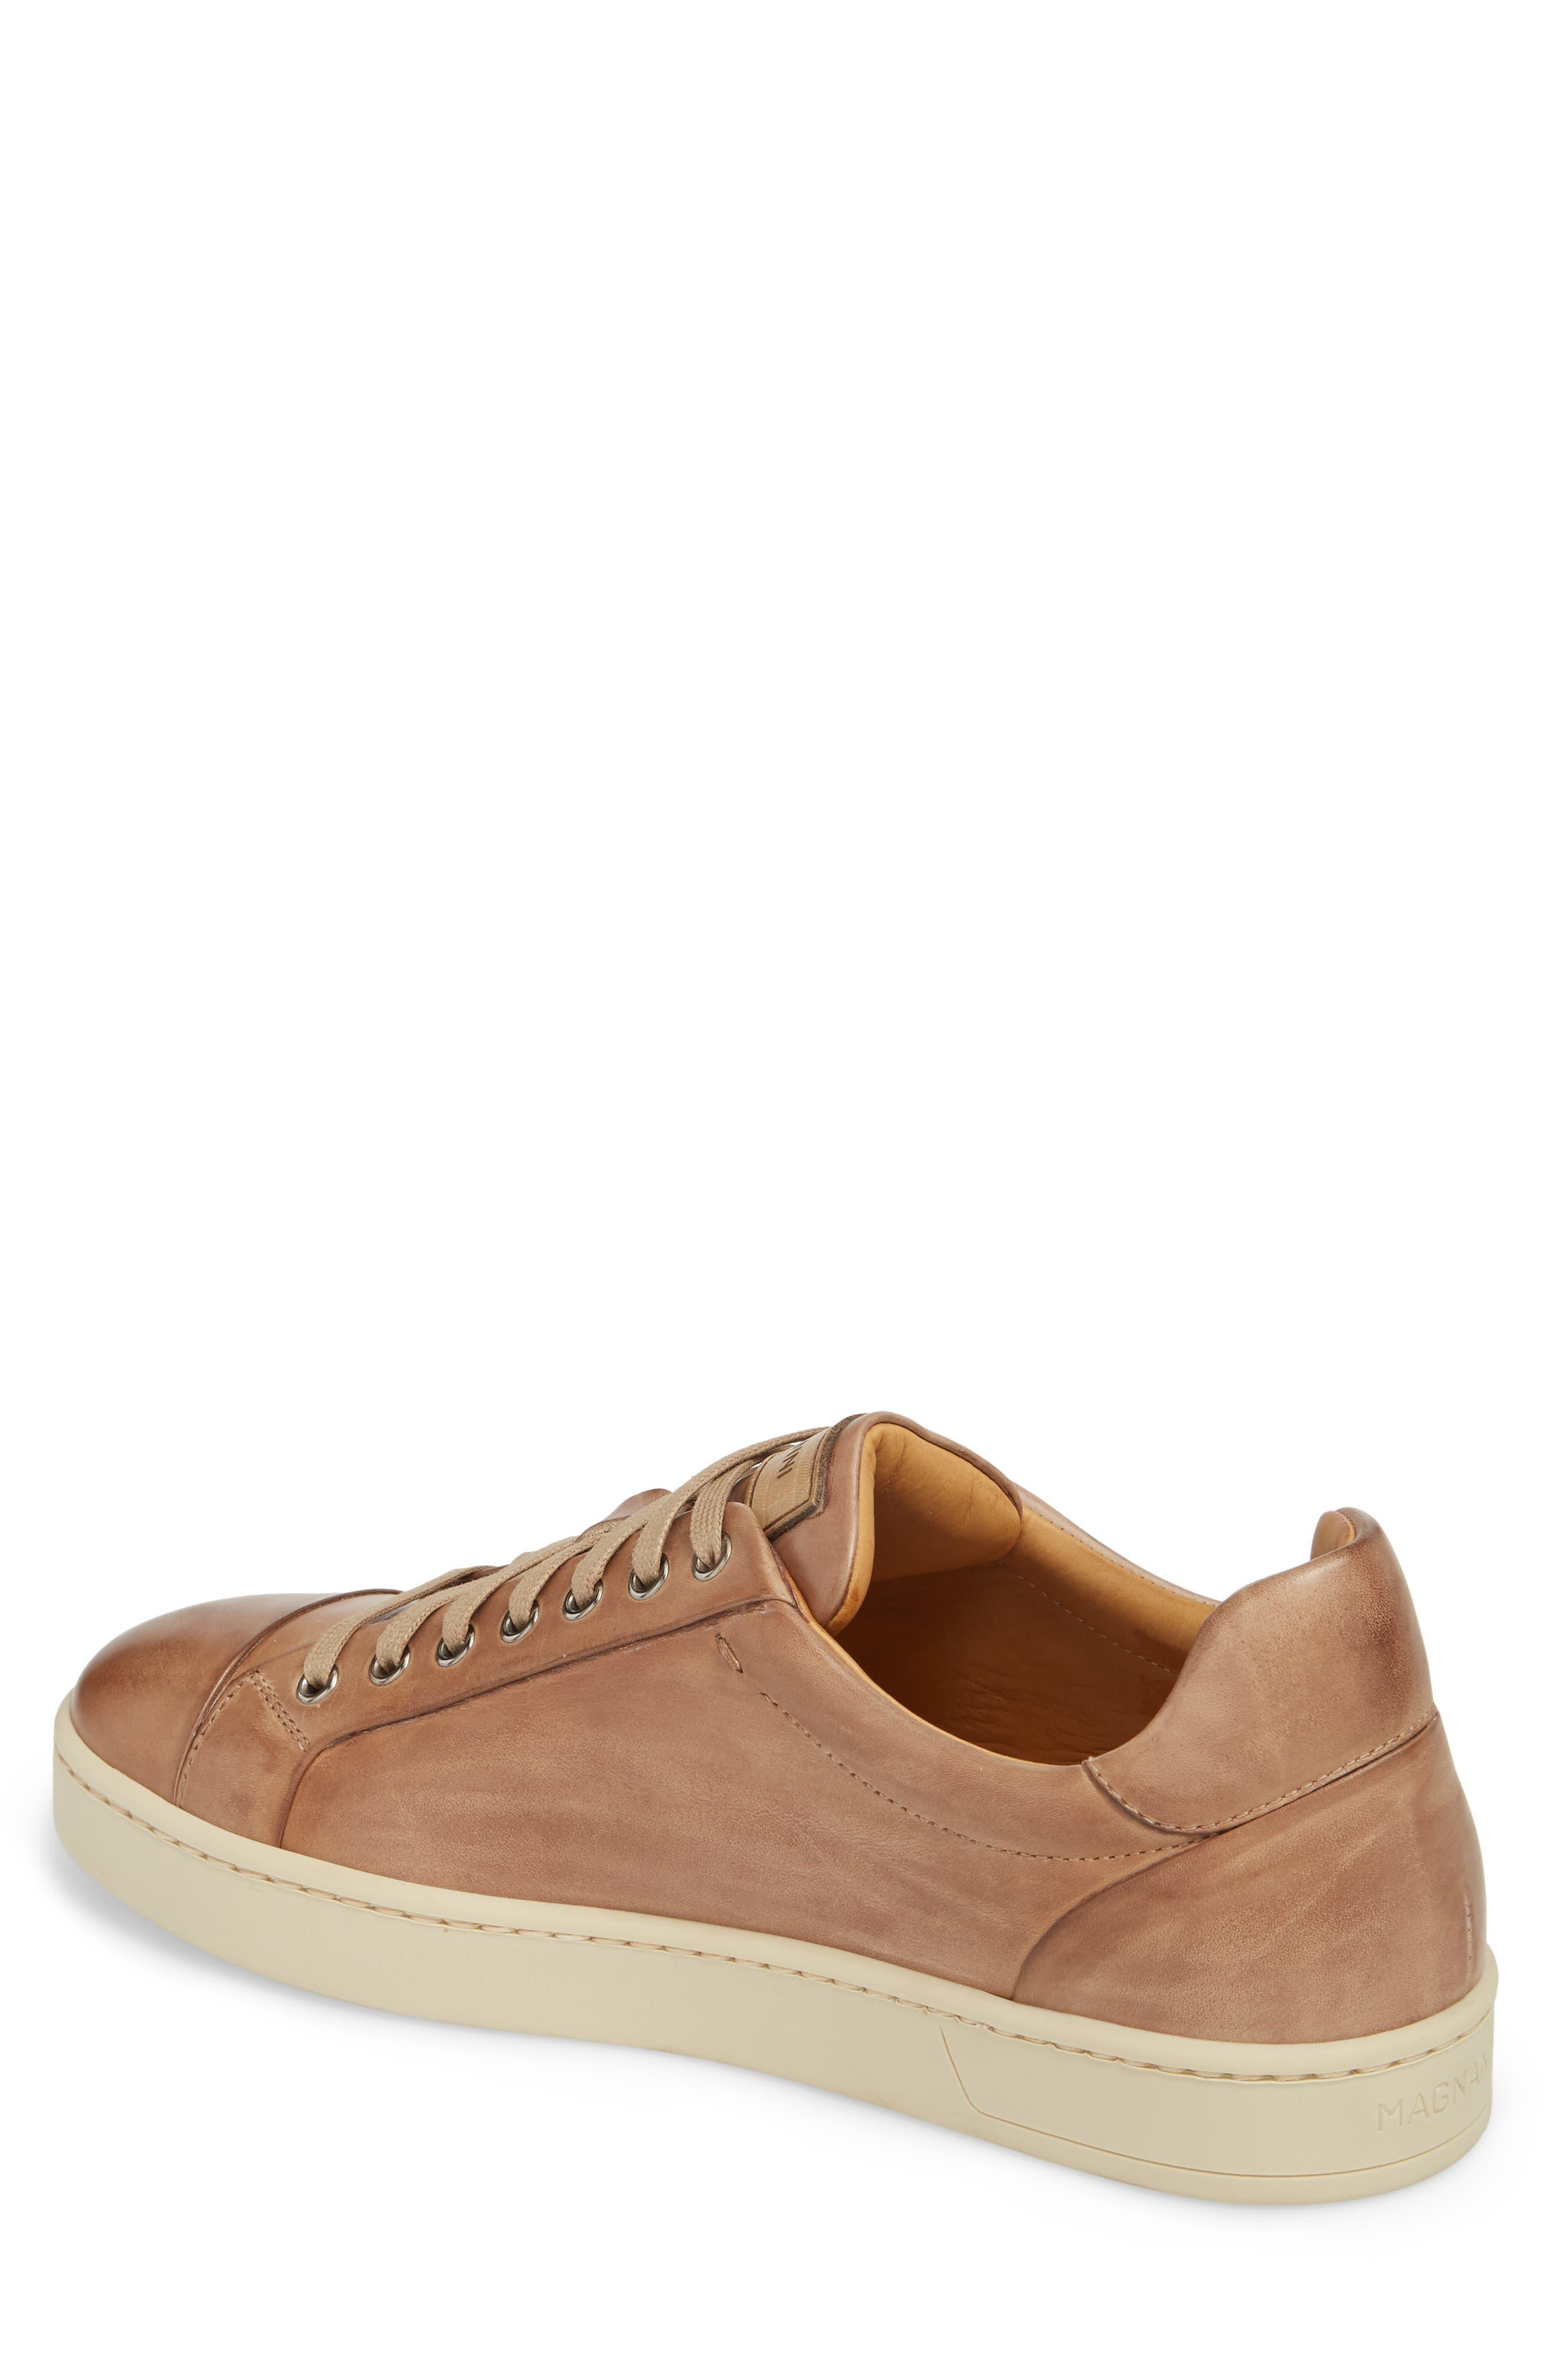 Erardo Low Top Sneaker,                             Alternate thumbnail 2, color,                             251